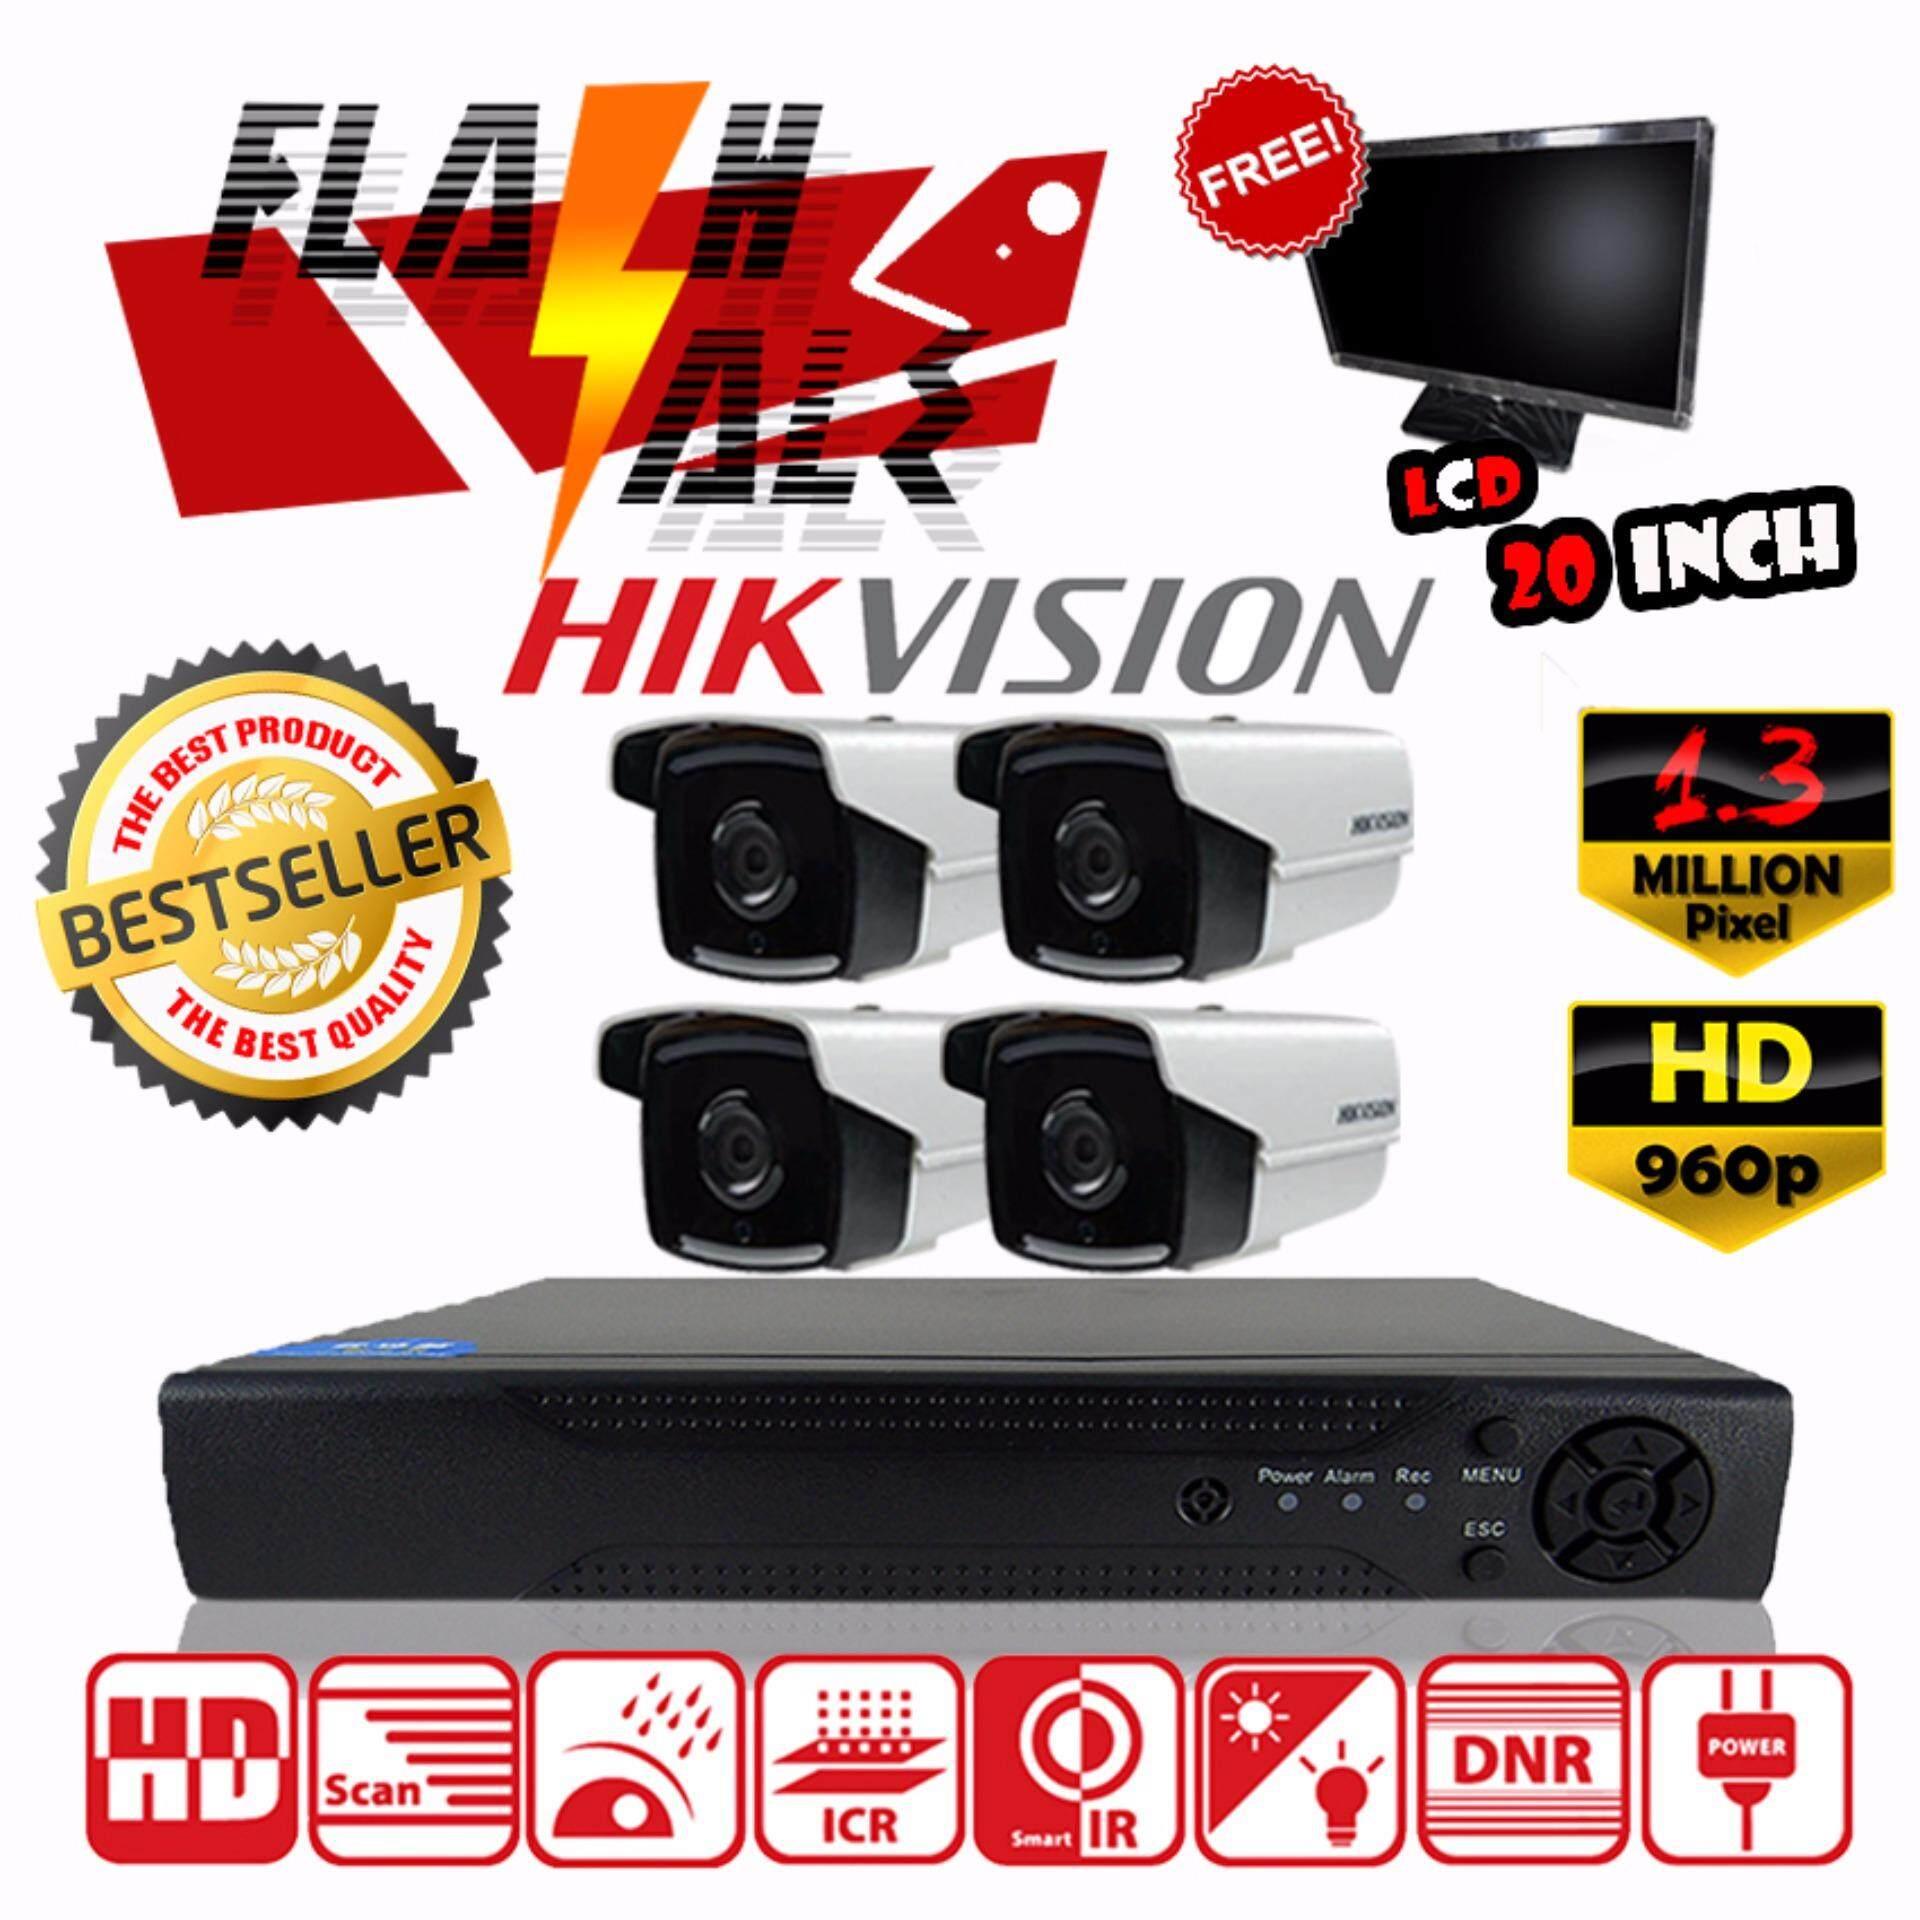 ใช้ดีจริง Hikvision ชุดกล้องวงจรปิดกล้อง 4CH CCTV กล้อง 4ตัว ทรงกระบอก 1.3 MP HD / IR-Cut / Night Vision / Day&Night / Water Proof และอนาล็อก เครื่องบันทึก 4ช่อง 1080N DVR, NVR, AHD, TVI, CVI, Analog ฟรี LCD ภาพสวย คมชัด